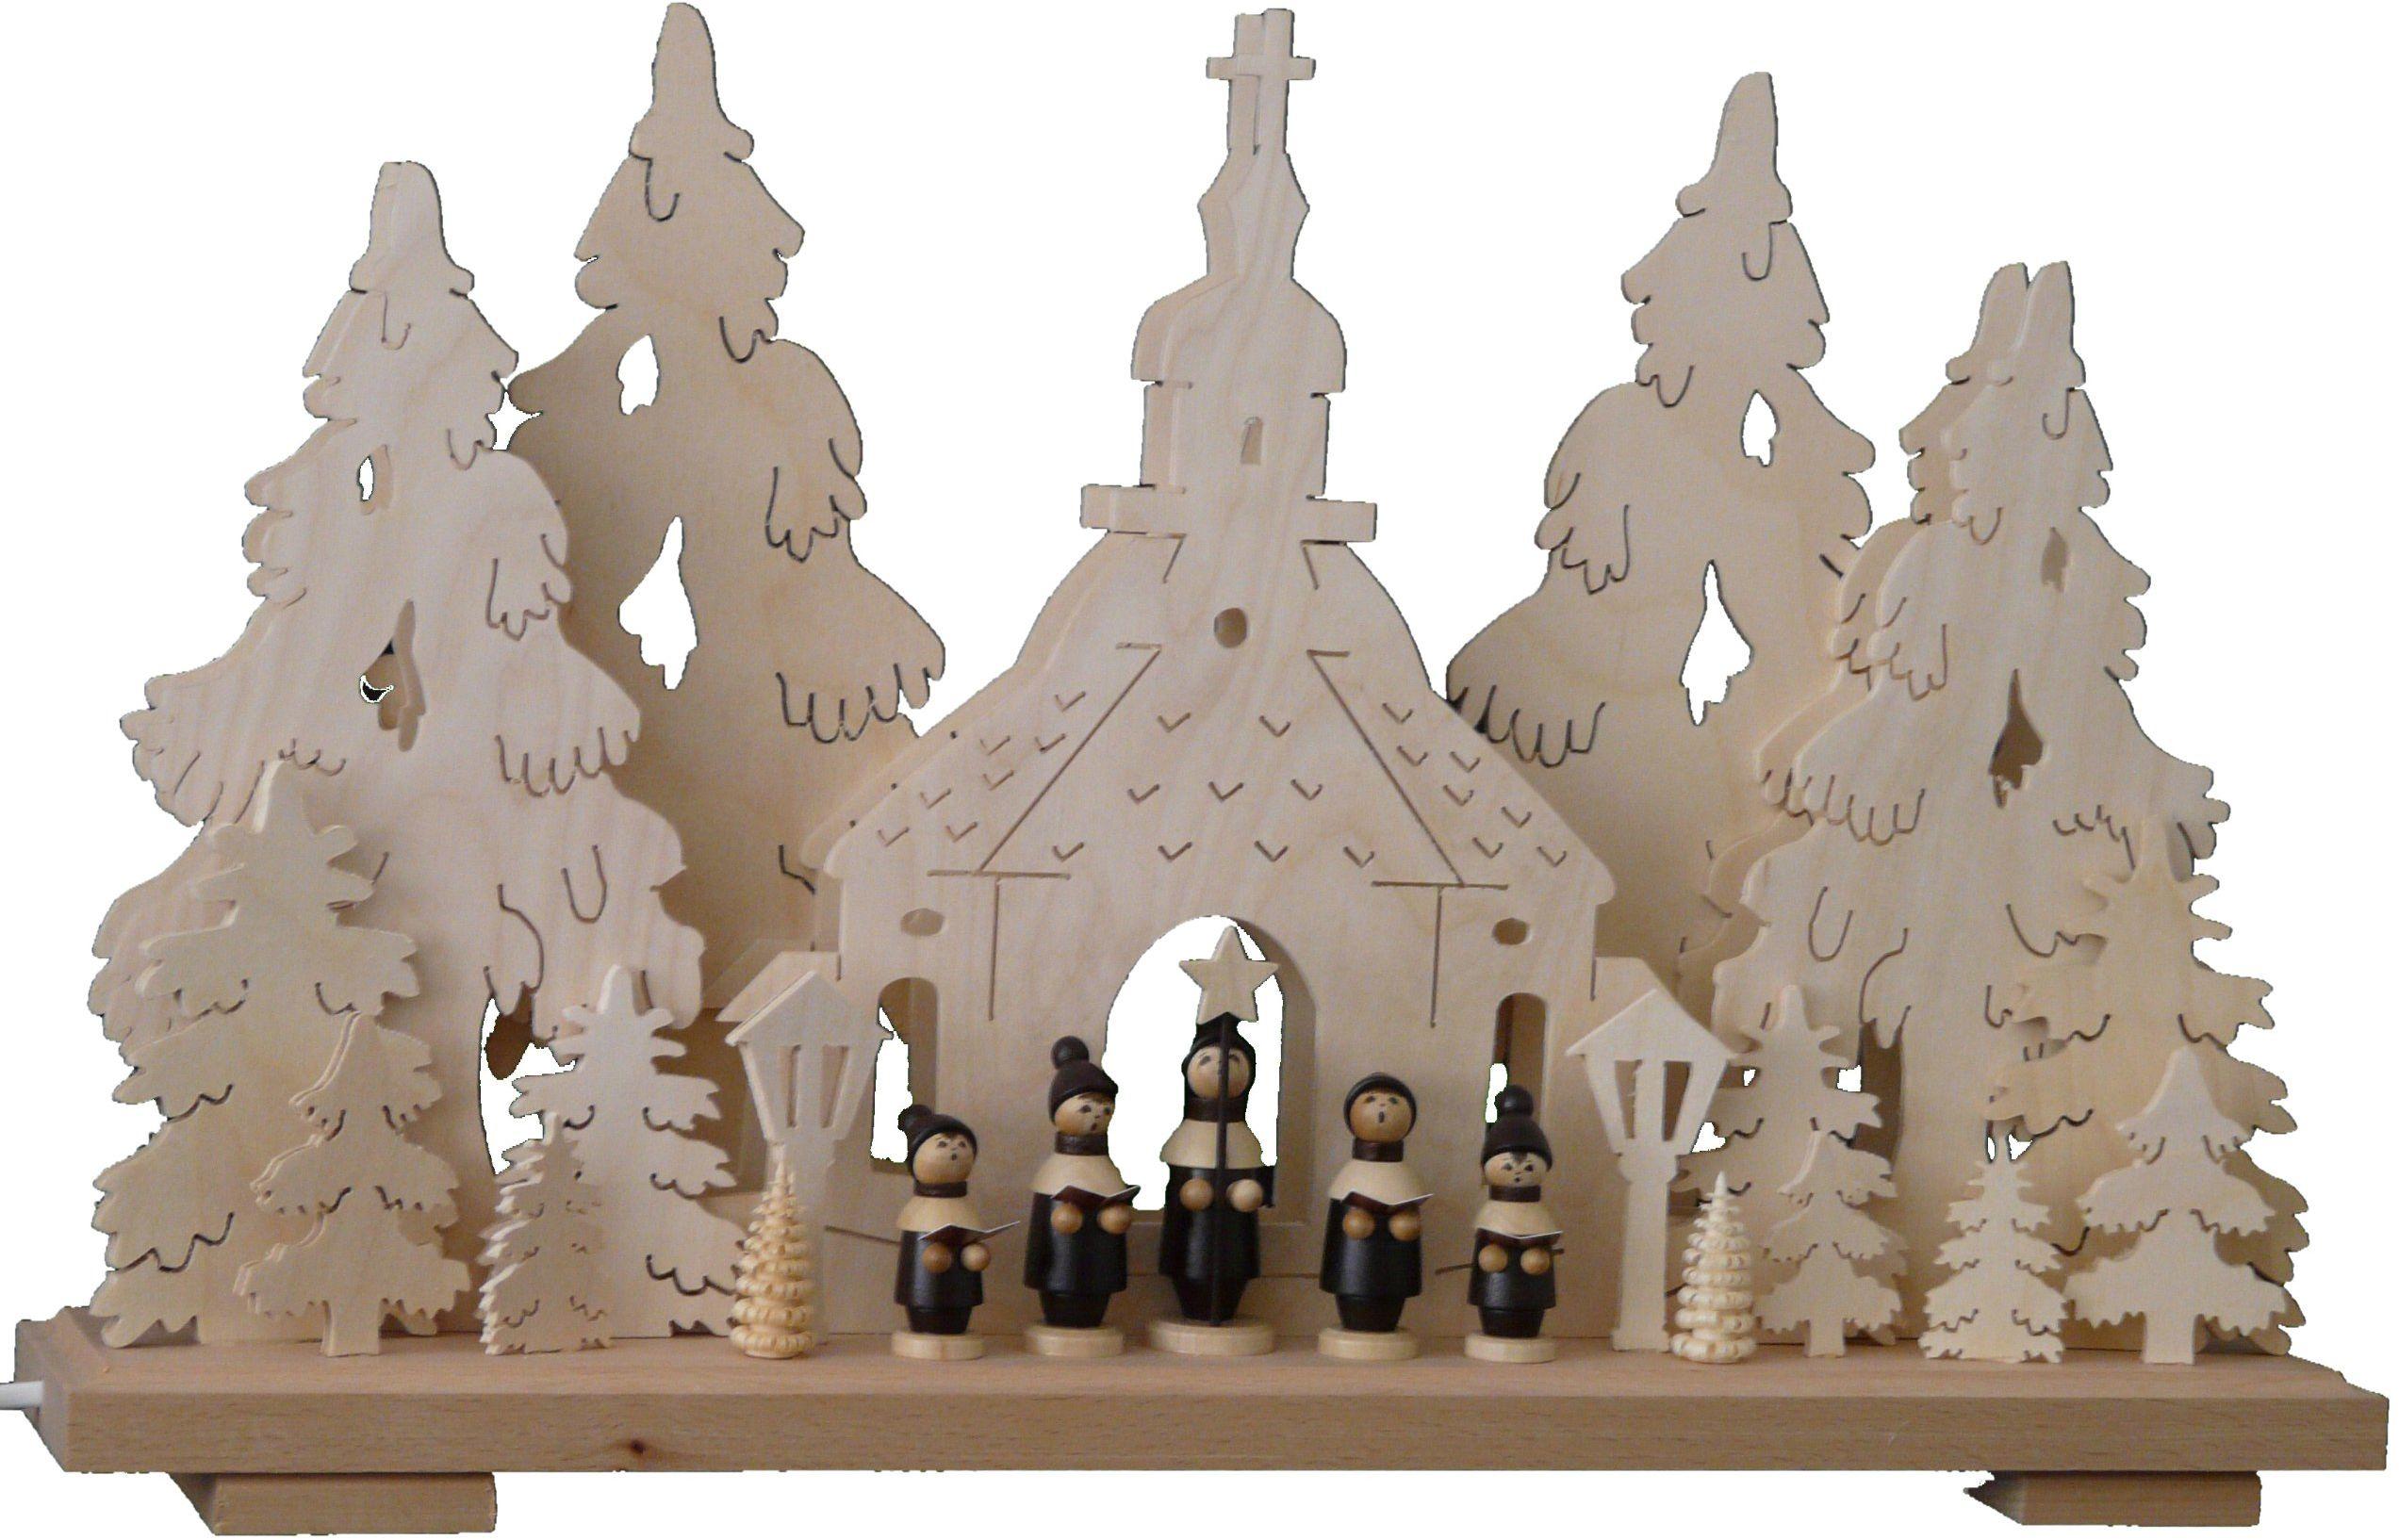 SchwibboLa 3-179 Erzgebirgischer podwójnie podświetlany świecznik łukowy z certyfikatem 3-179, 50 x 30 cm